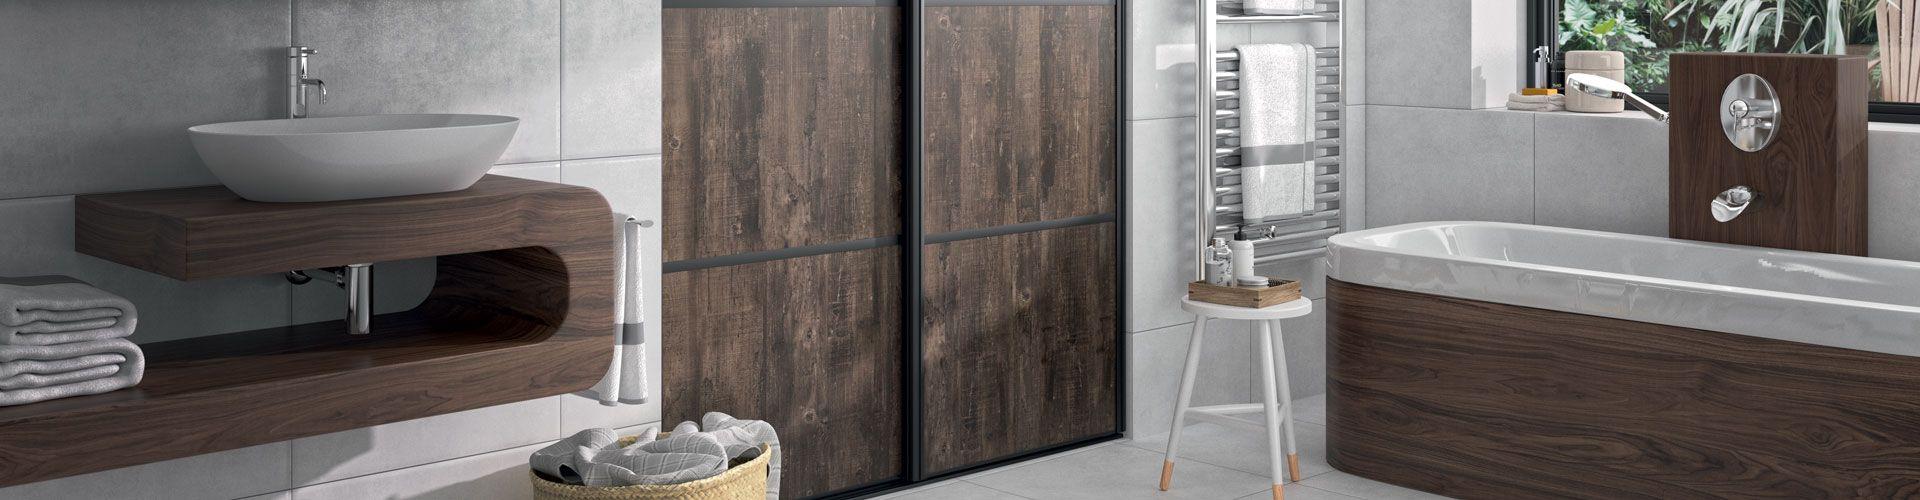 portes de placard ton bois fonc page 11 kazed. Black Bedroom Furniture Sets. Home Design Ideas